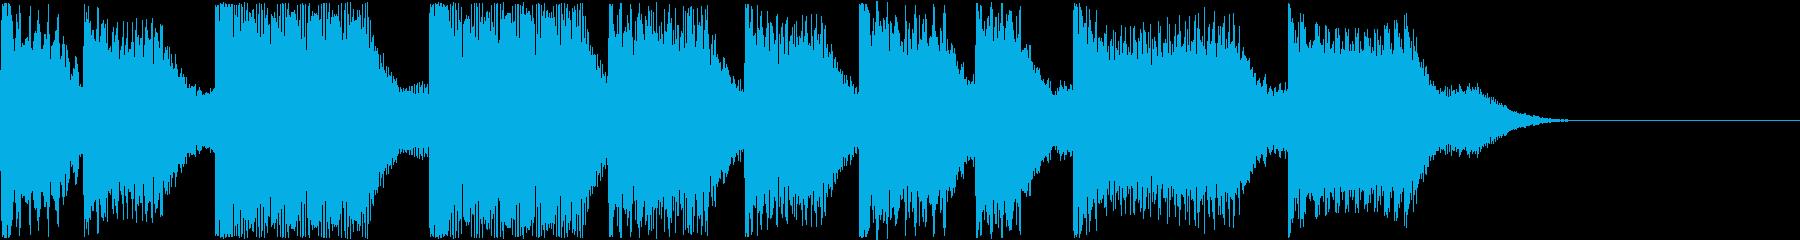 AI メカ/ロボ/マシン動作音 9の再生済みの波形